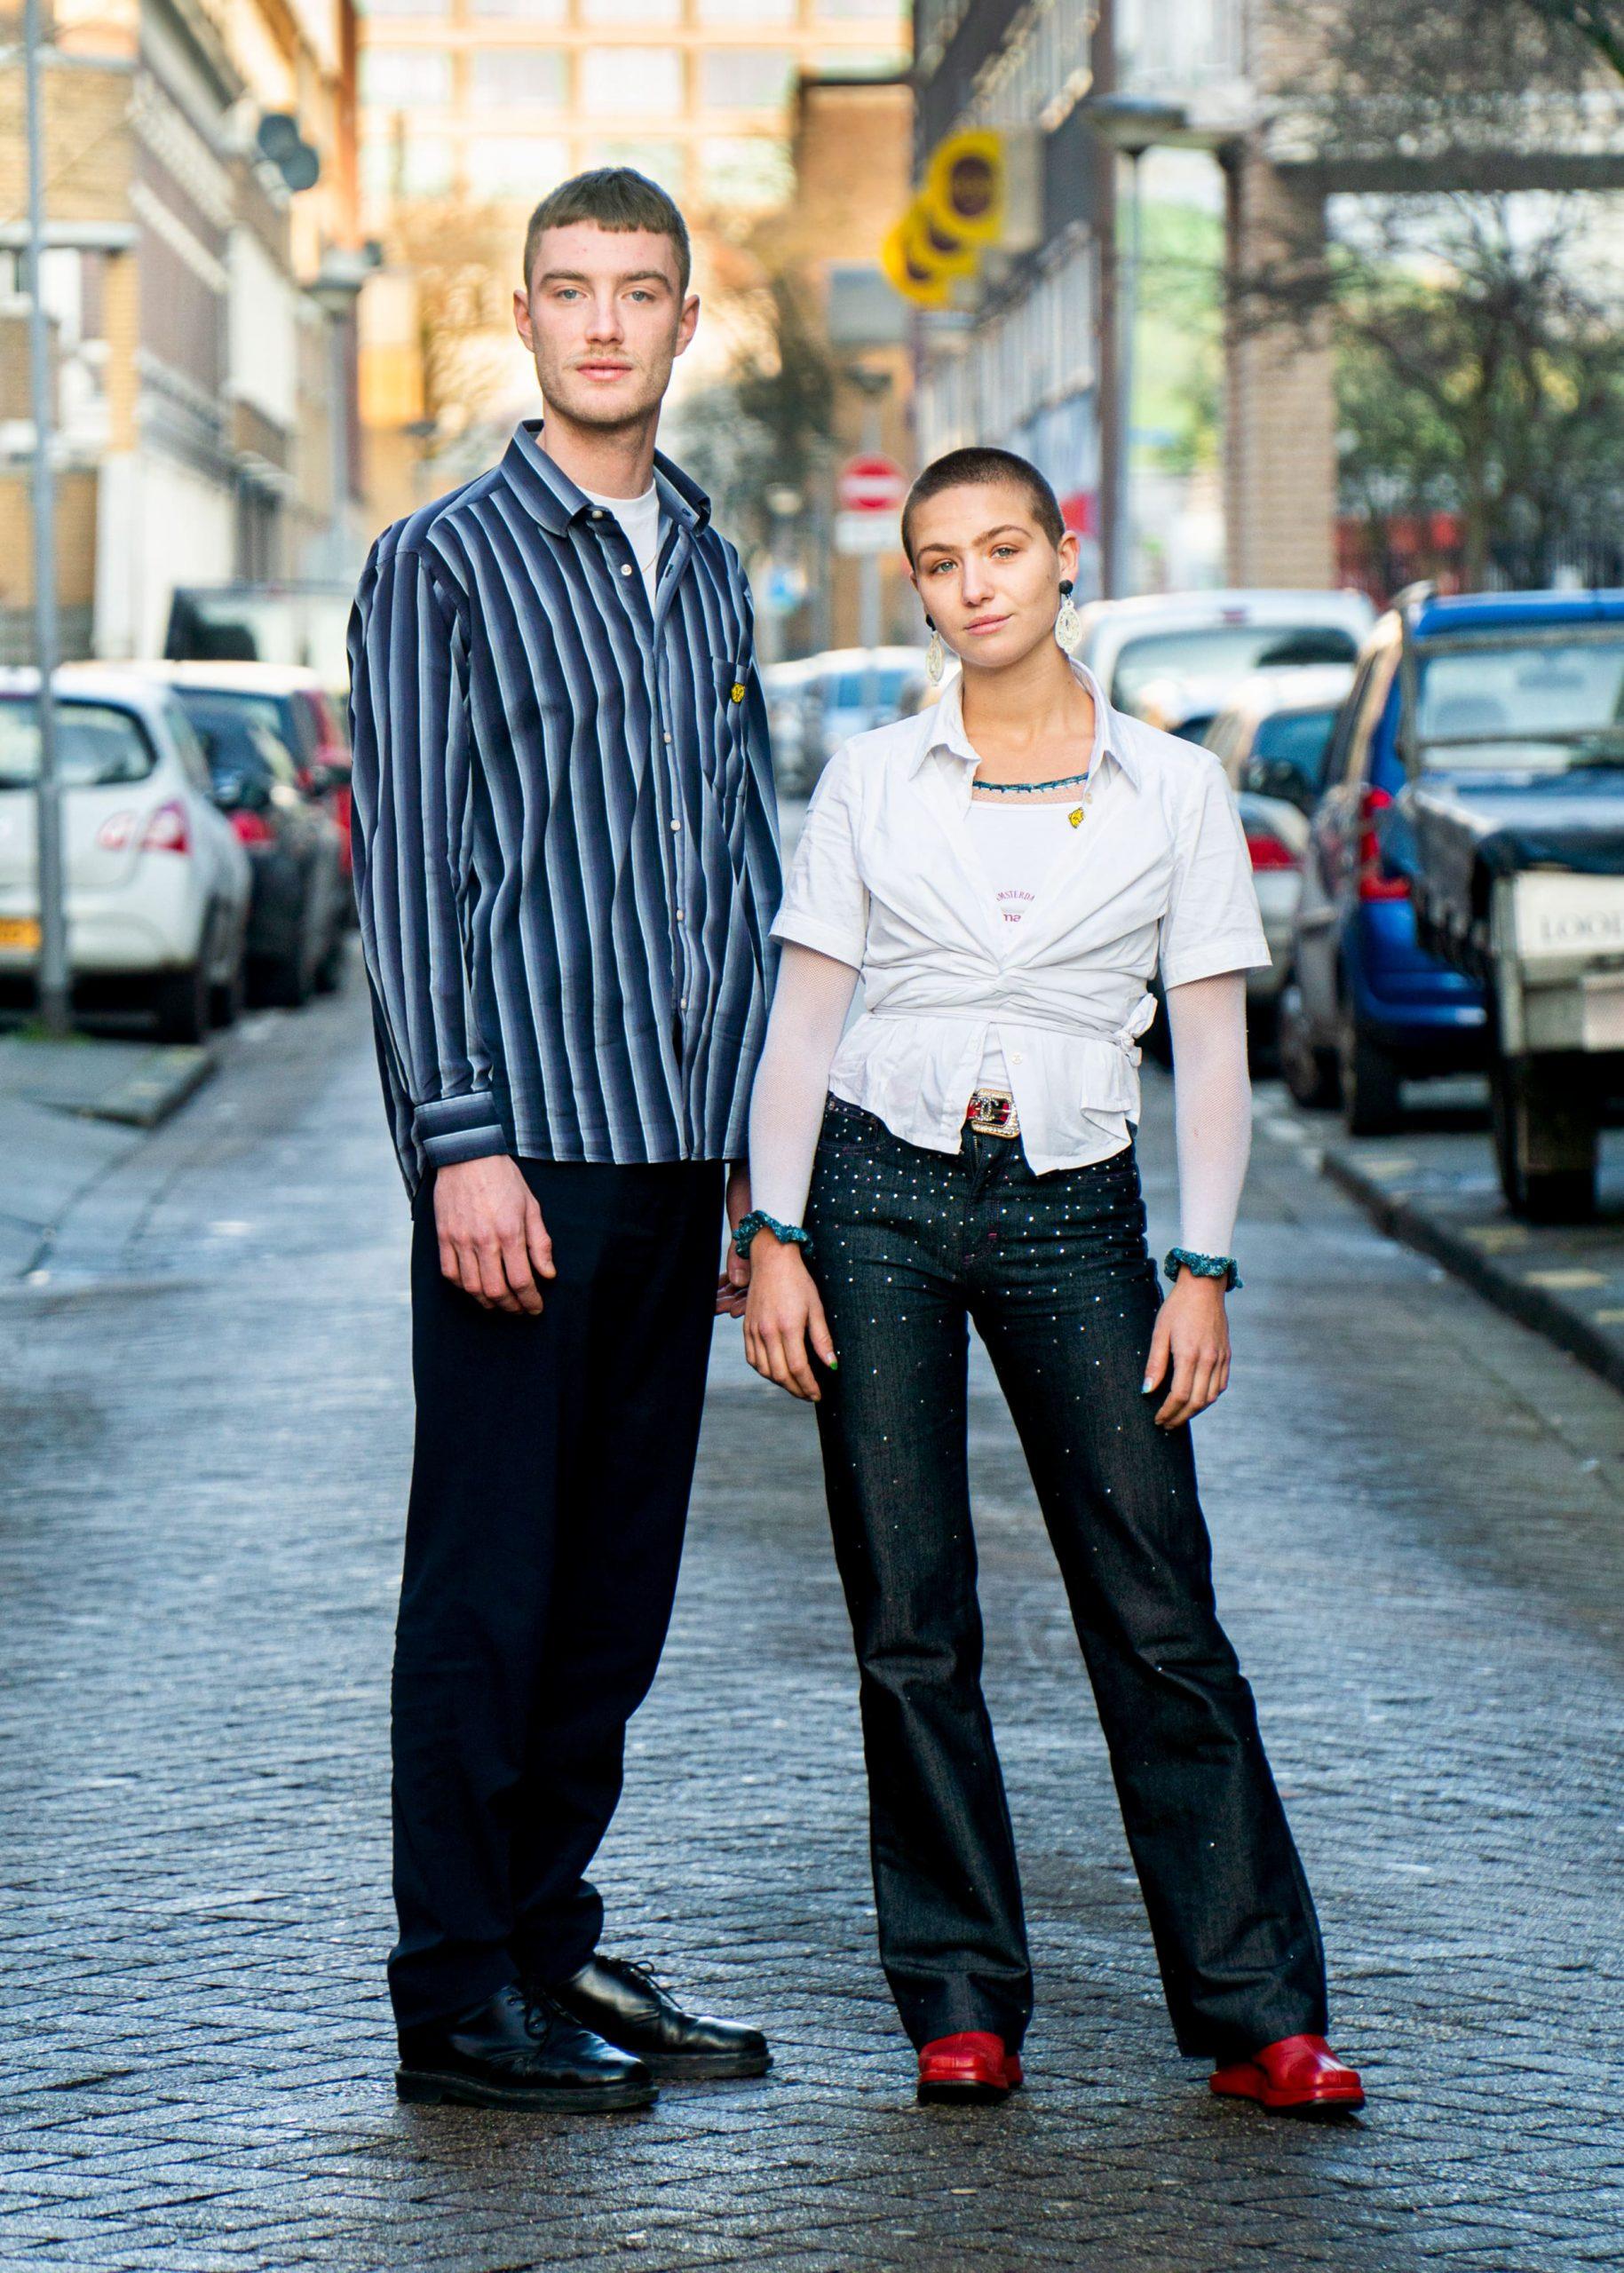 Portret van genomineerde regisseur Vincent Boy Kars en actrice Leyla de muynck.